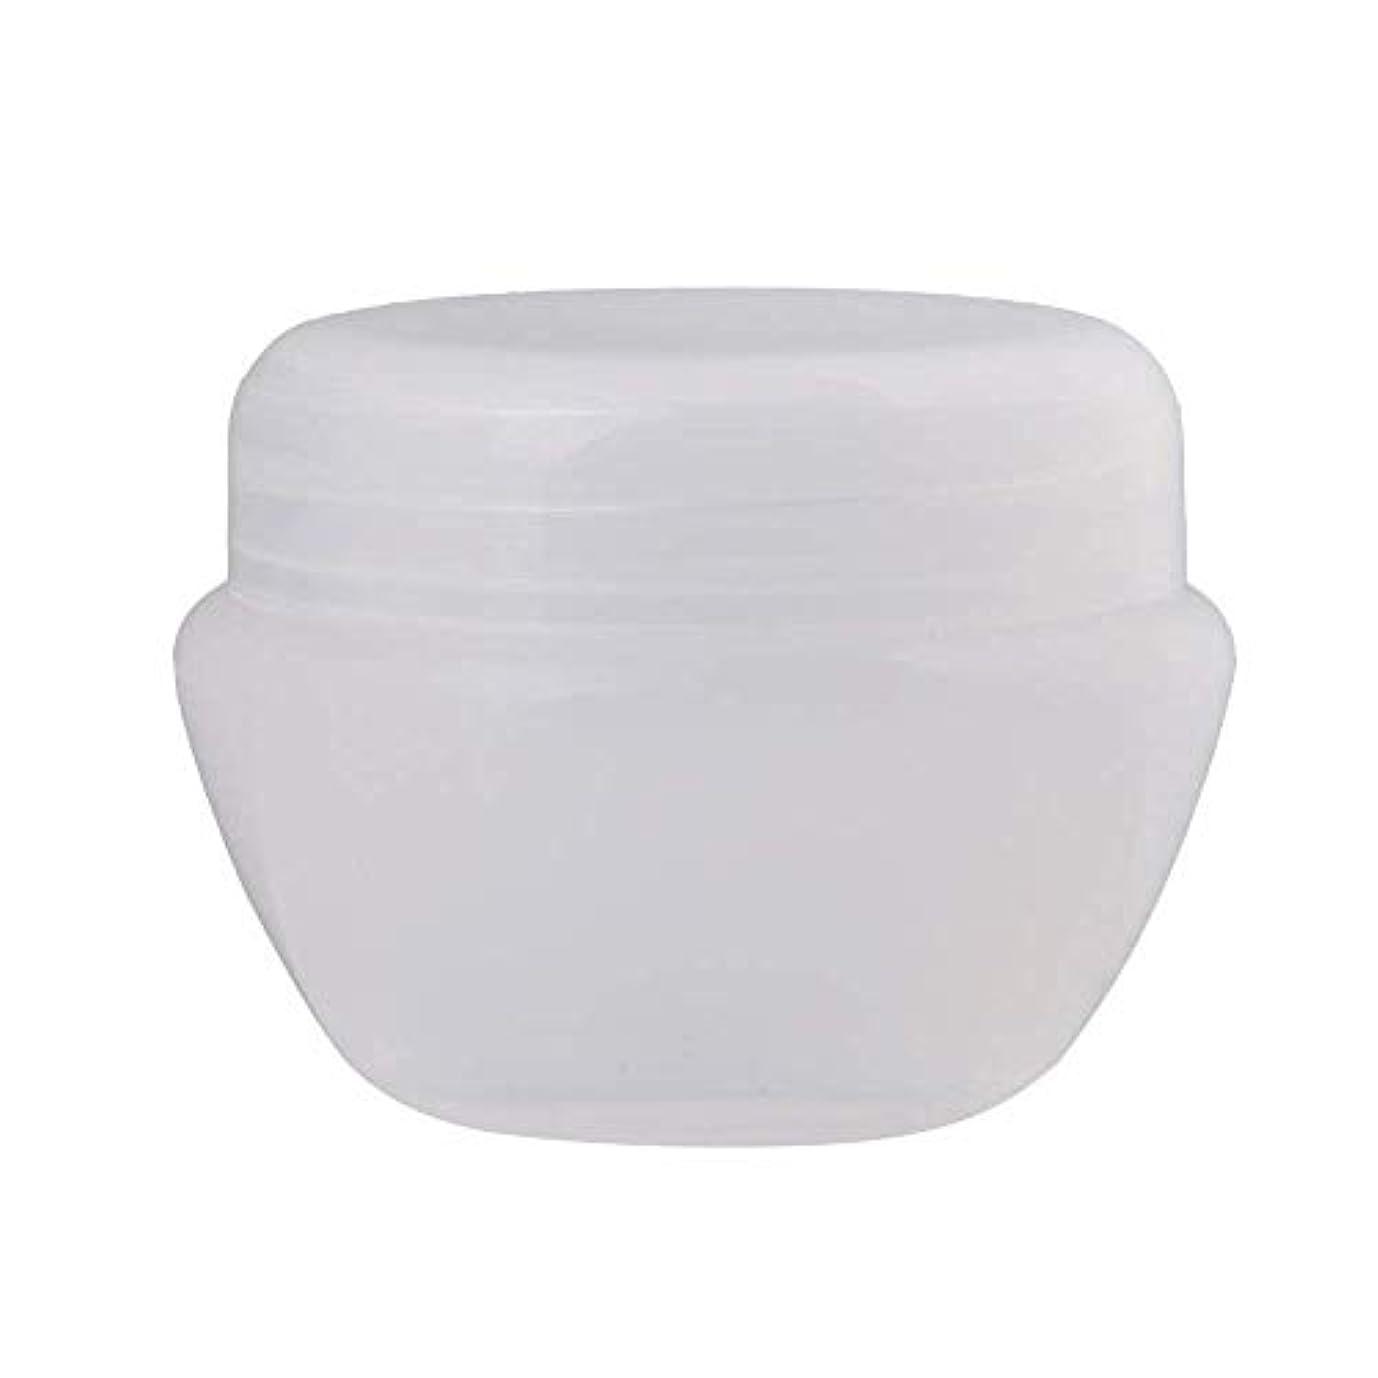 ポスト印象派分類革命的Diystyle 20個入 5g クリームケース 空ポット 化粧品用 詰替え 空容器 旅行用品 ホワイト